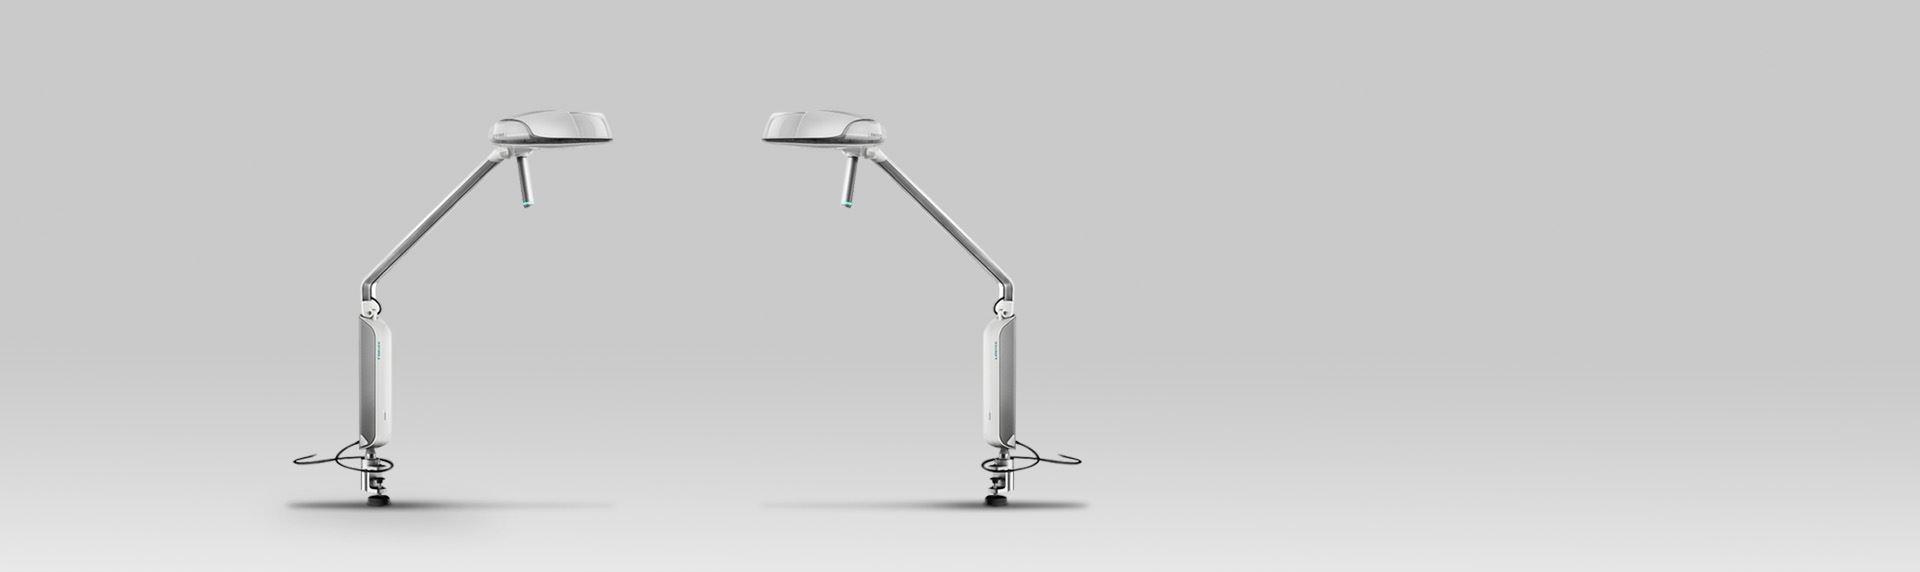 欧帝设计-led检测灯